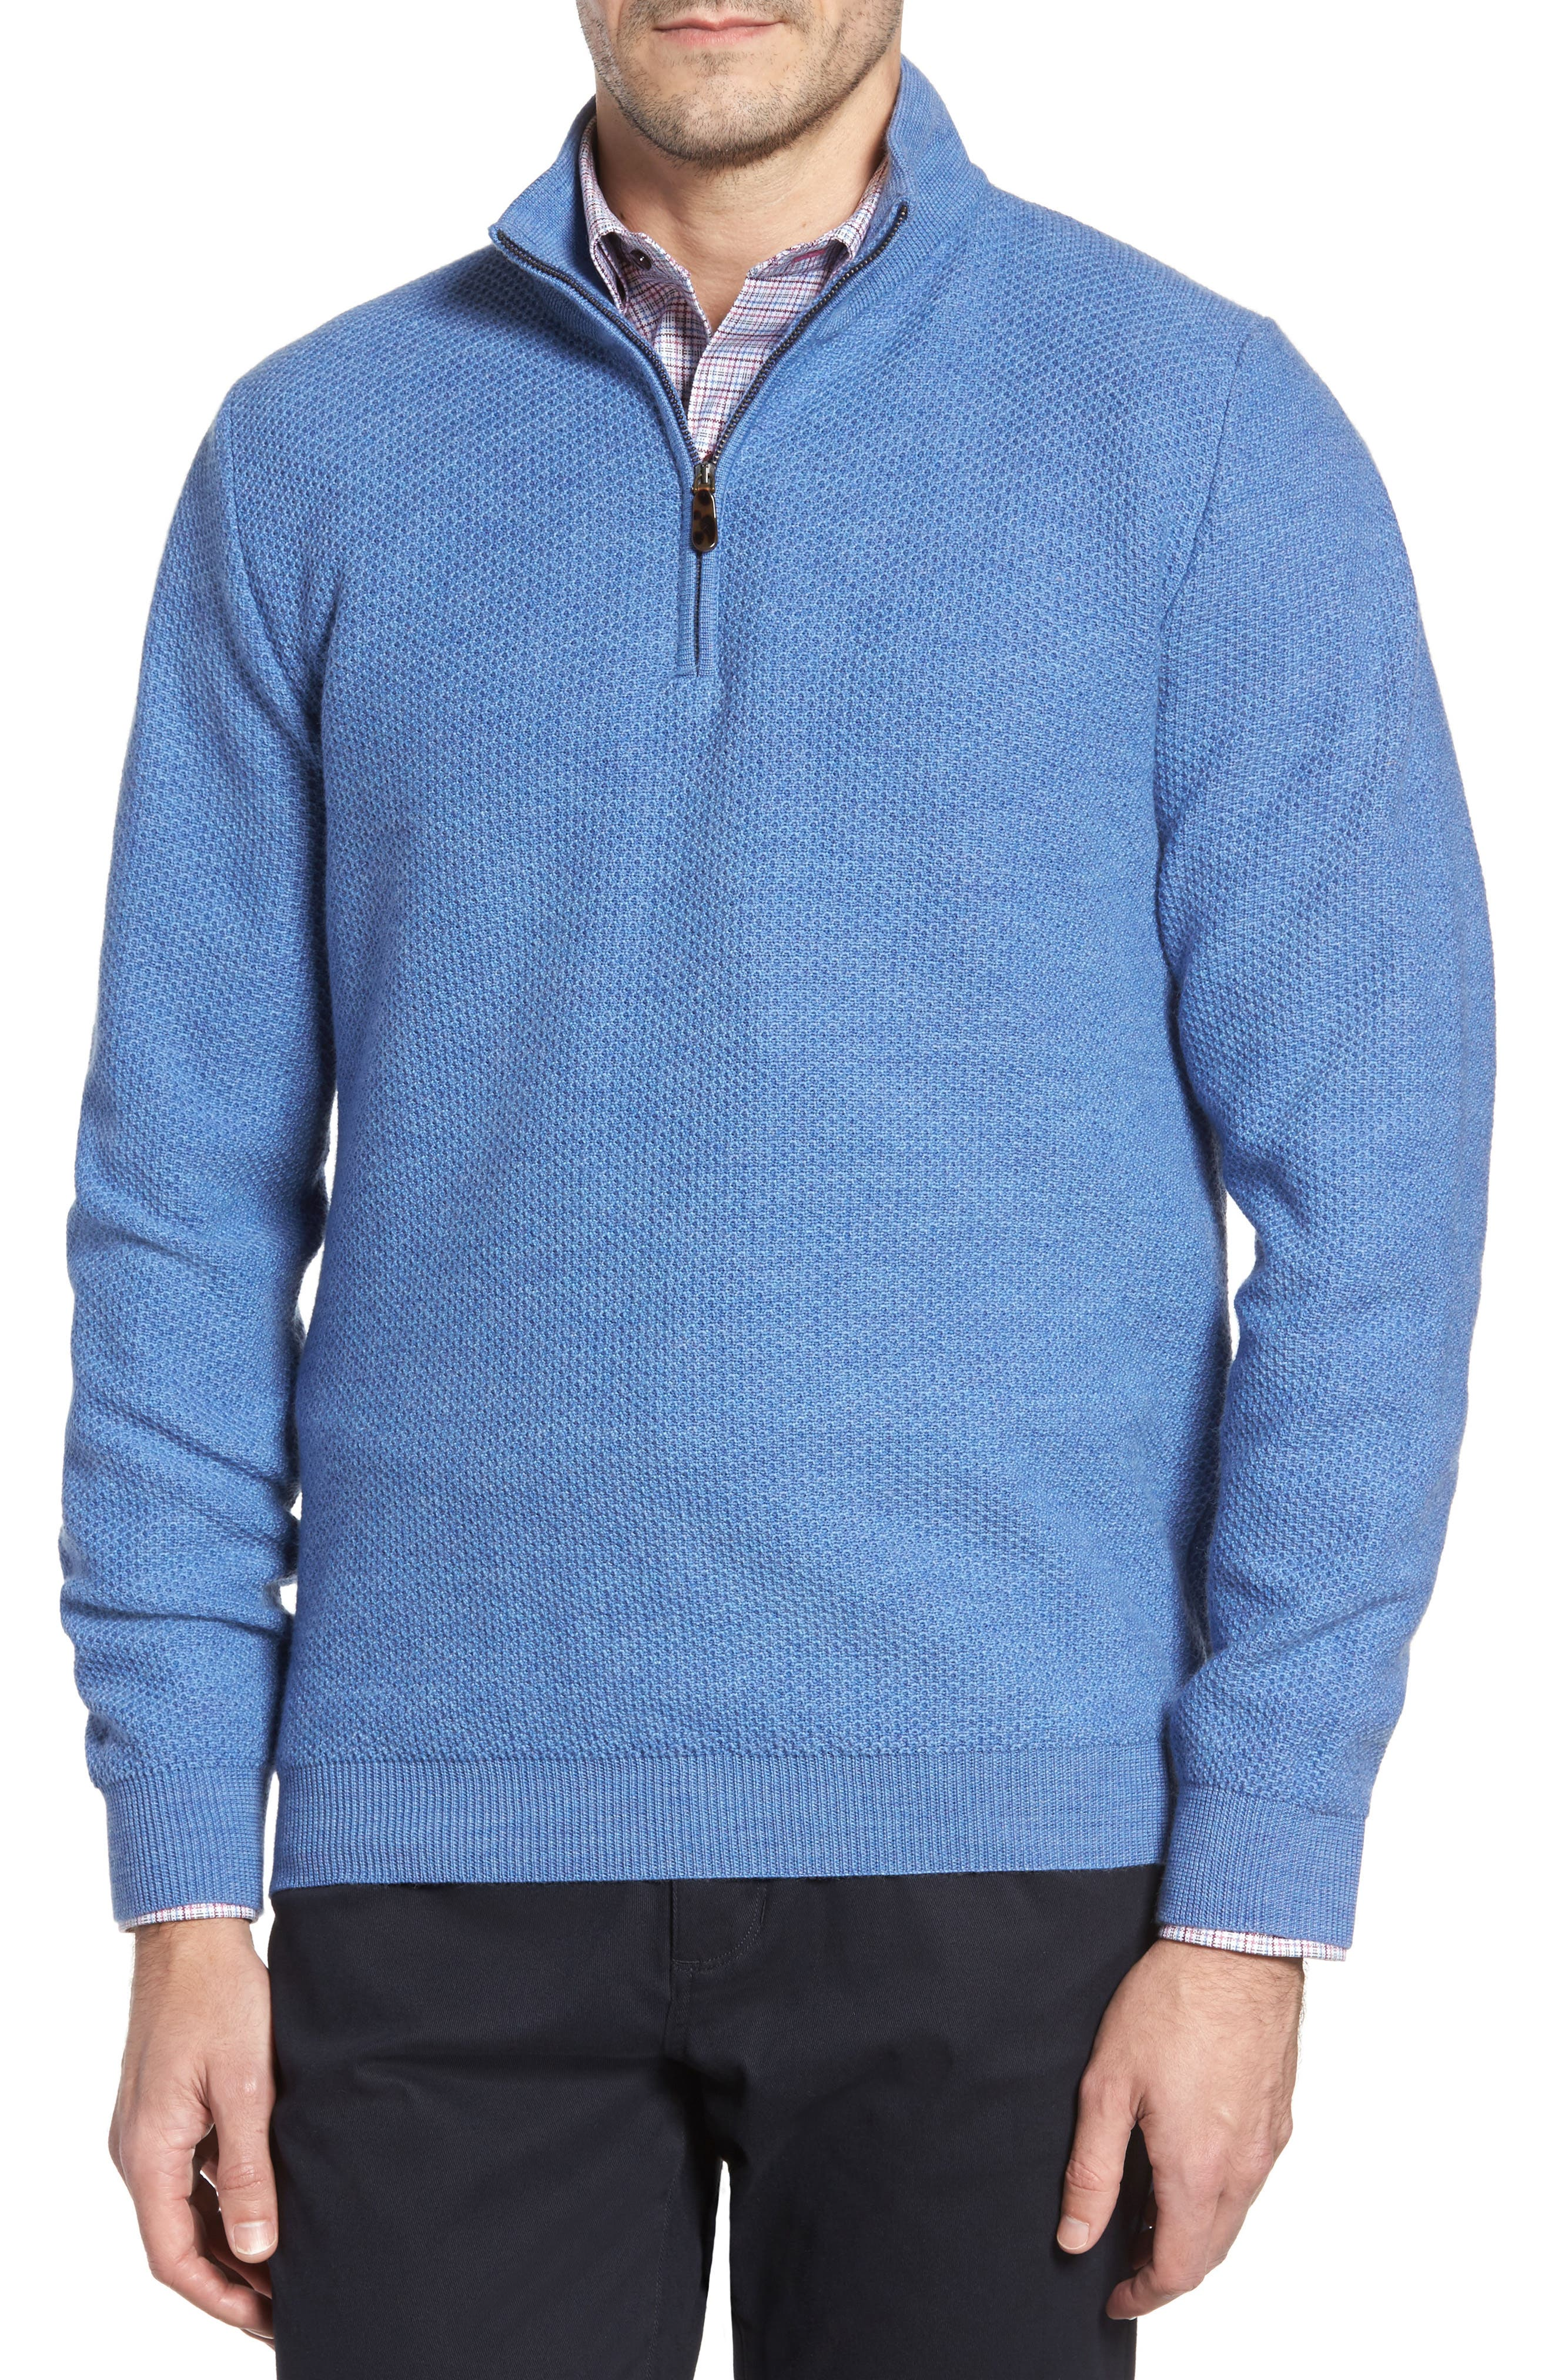 Main Image - David Donahue Honeycomb Merino Wool Quarter Zip Pullover